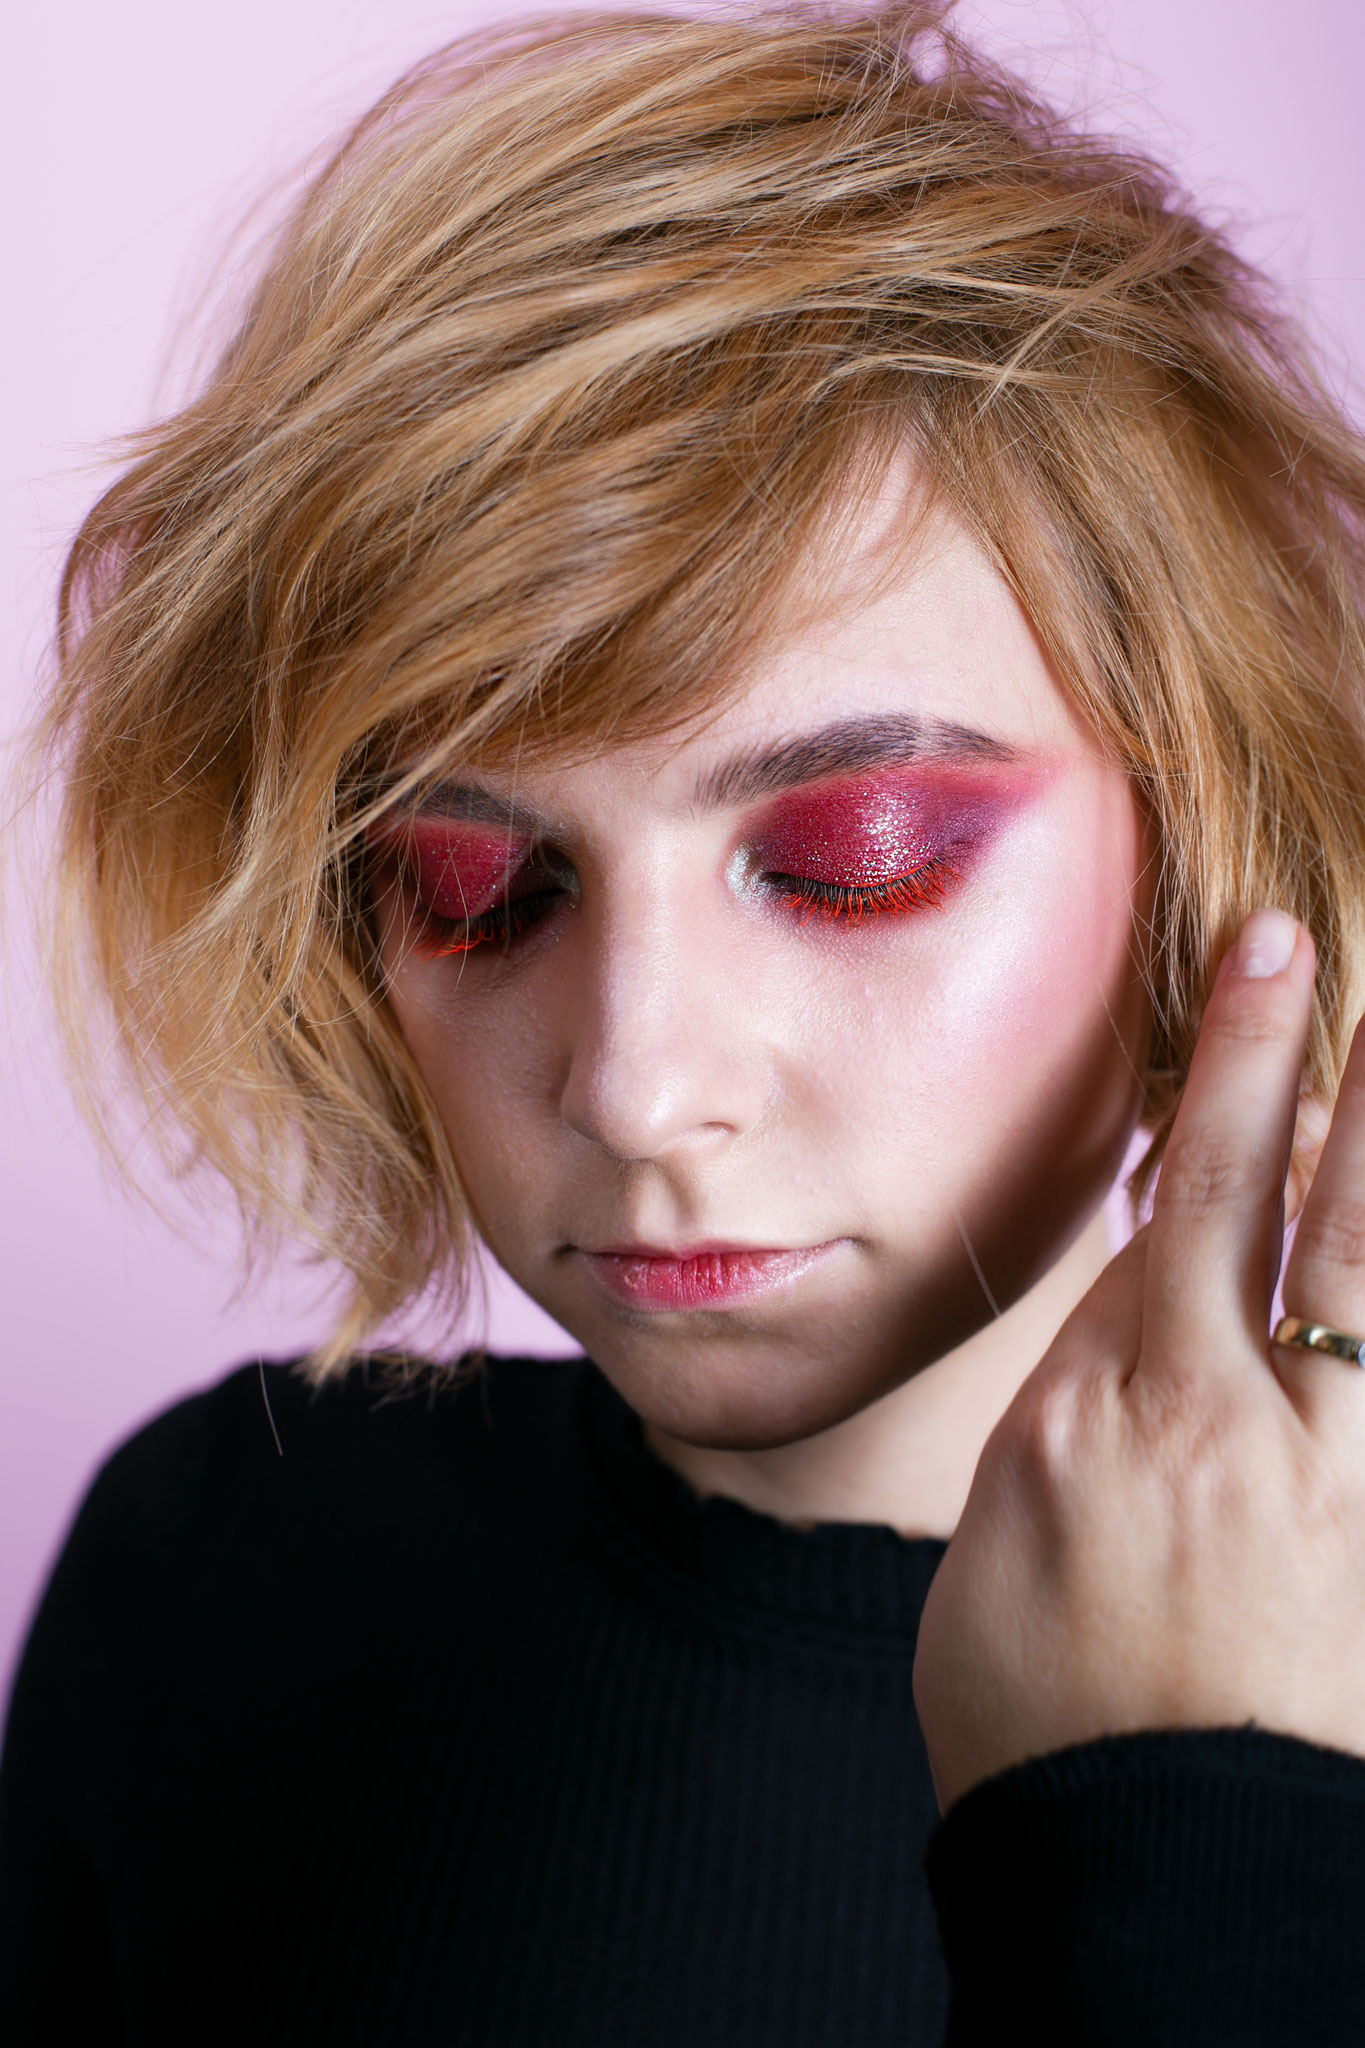 Colourmakeup, Foto: Raffaela Schumer